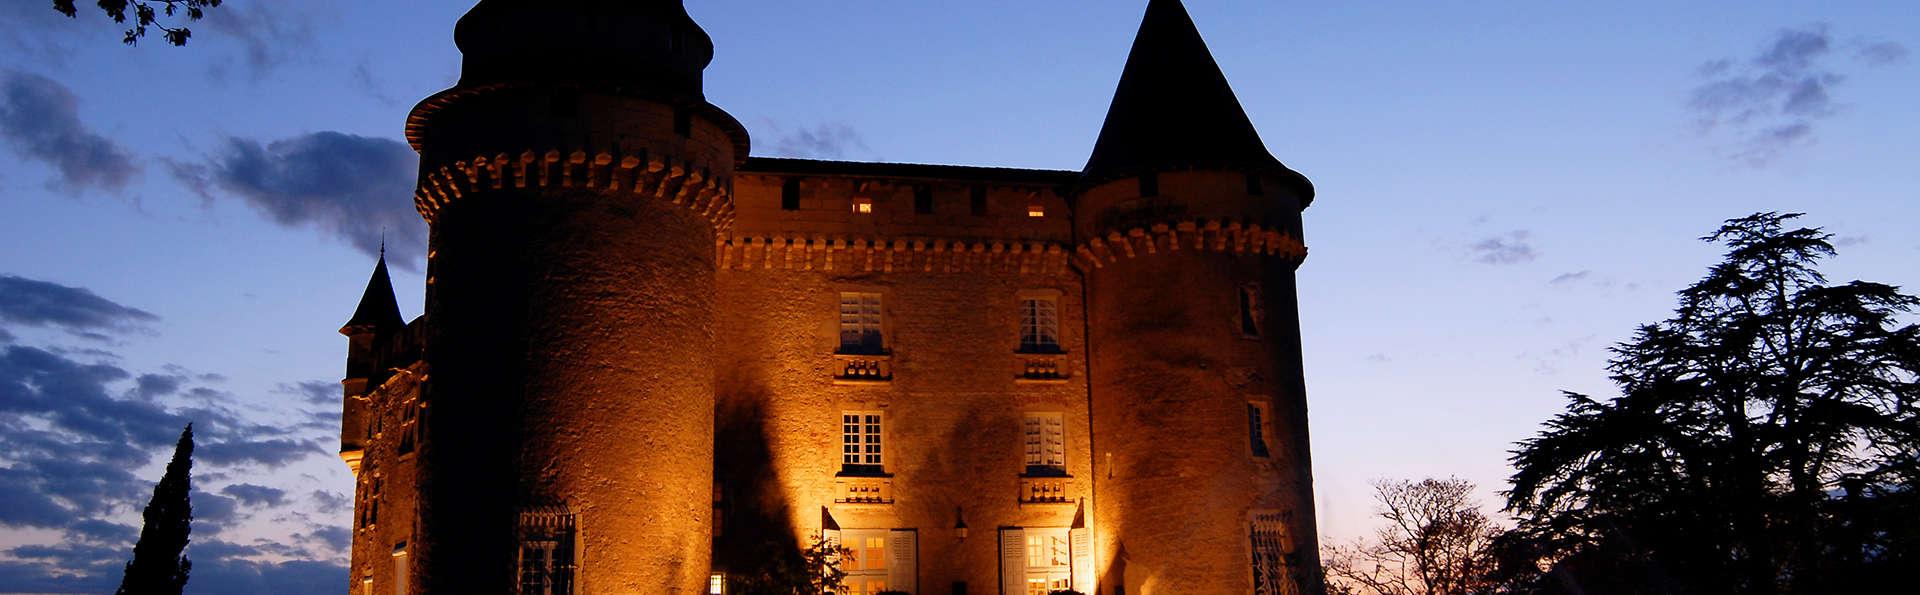 Château de Mercuès - edit_front1.jpg